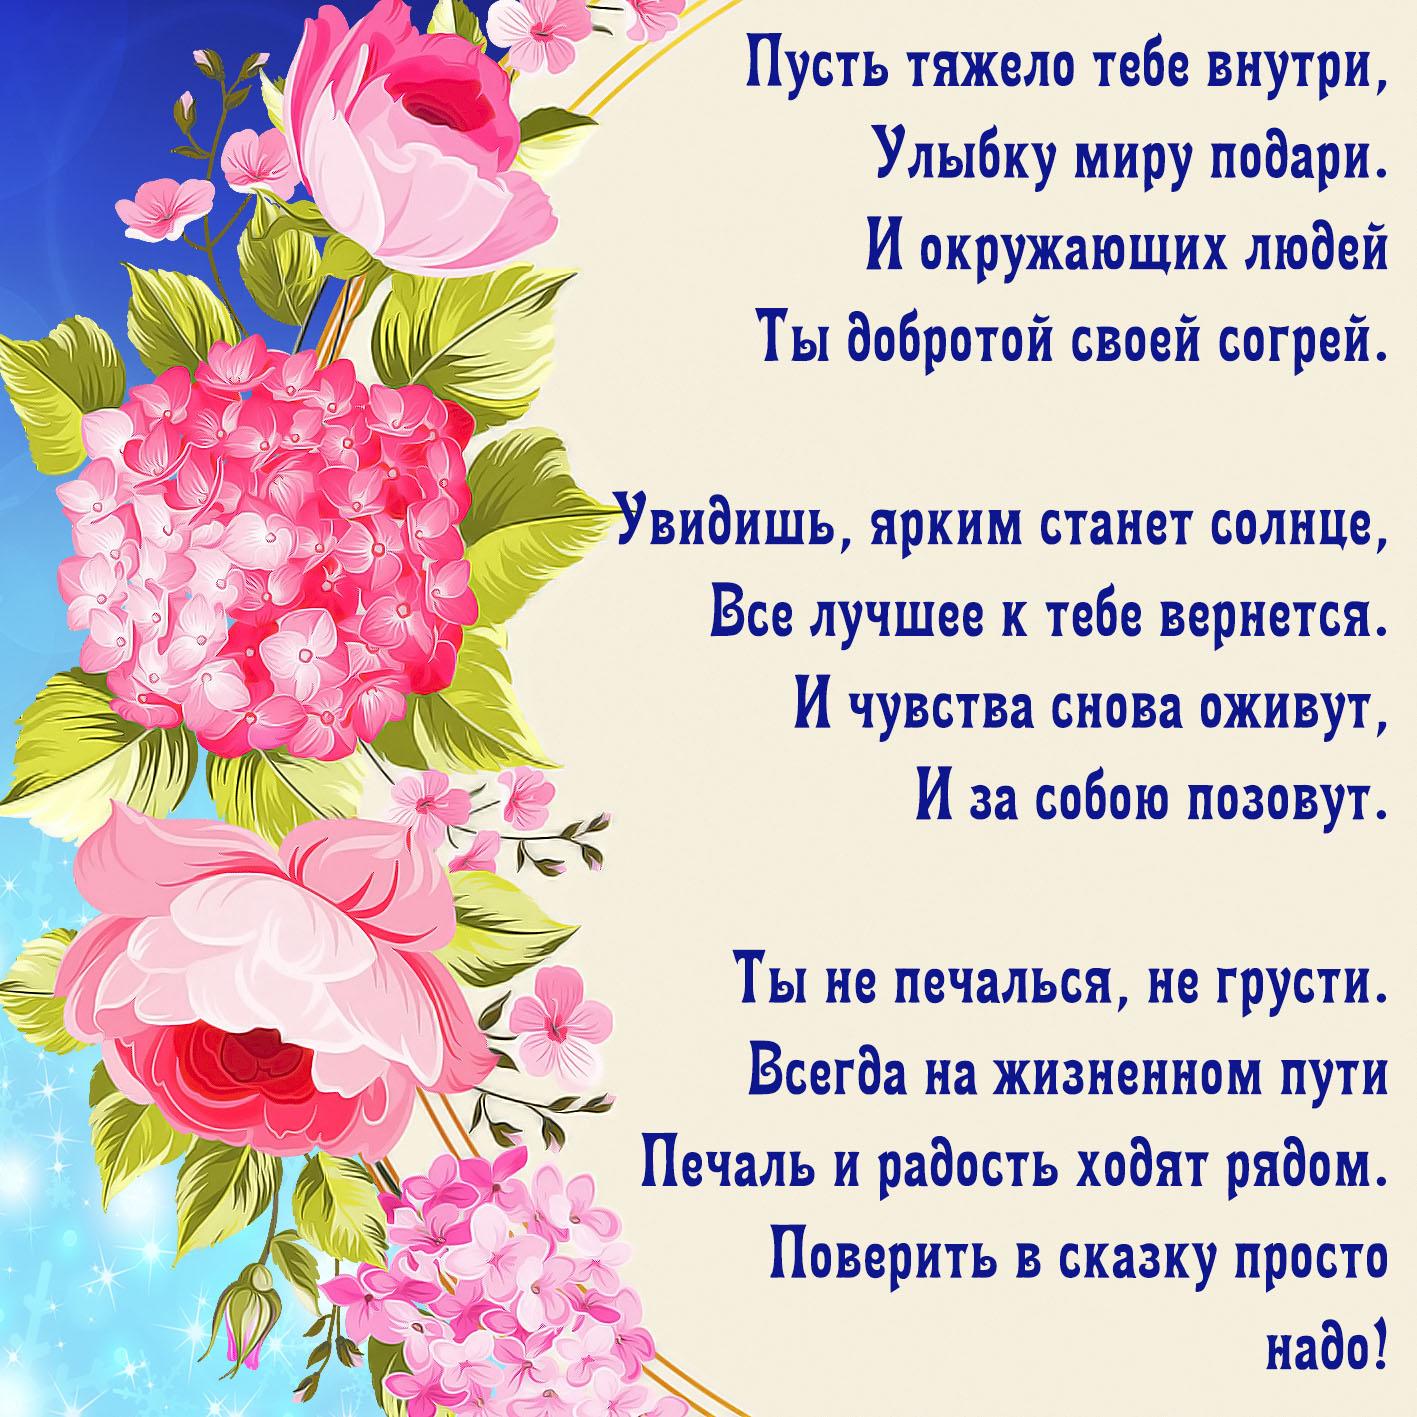 Картинка с красивым пожеланием в стихах